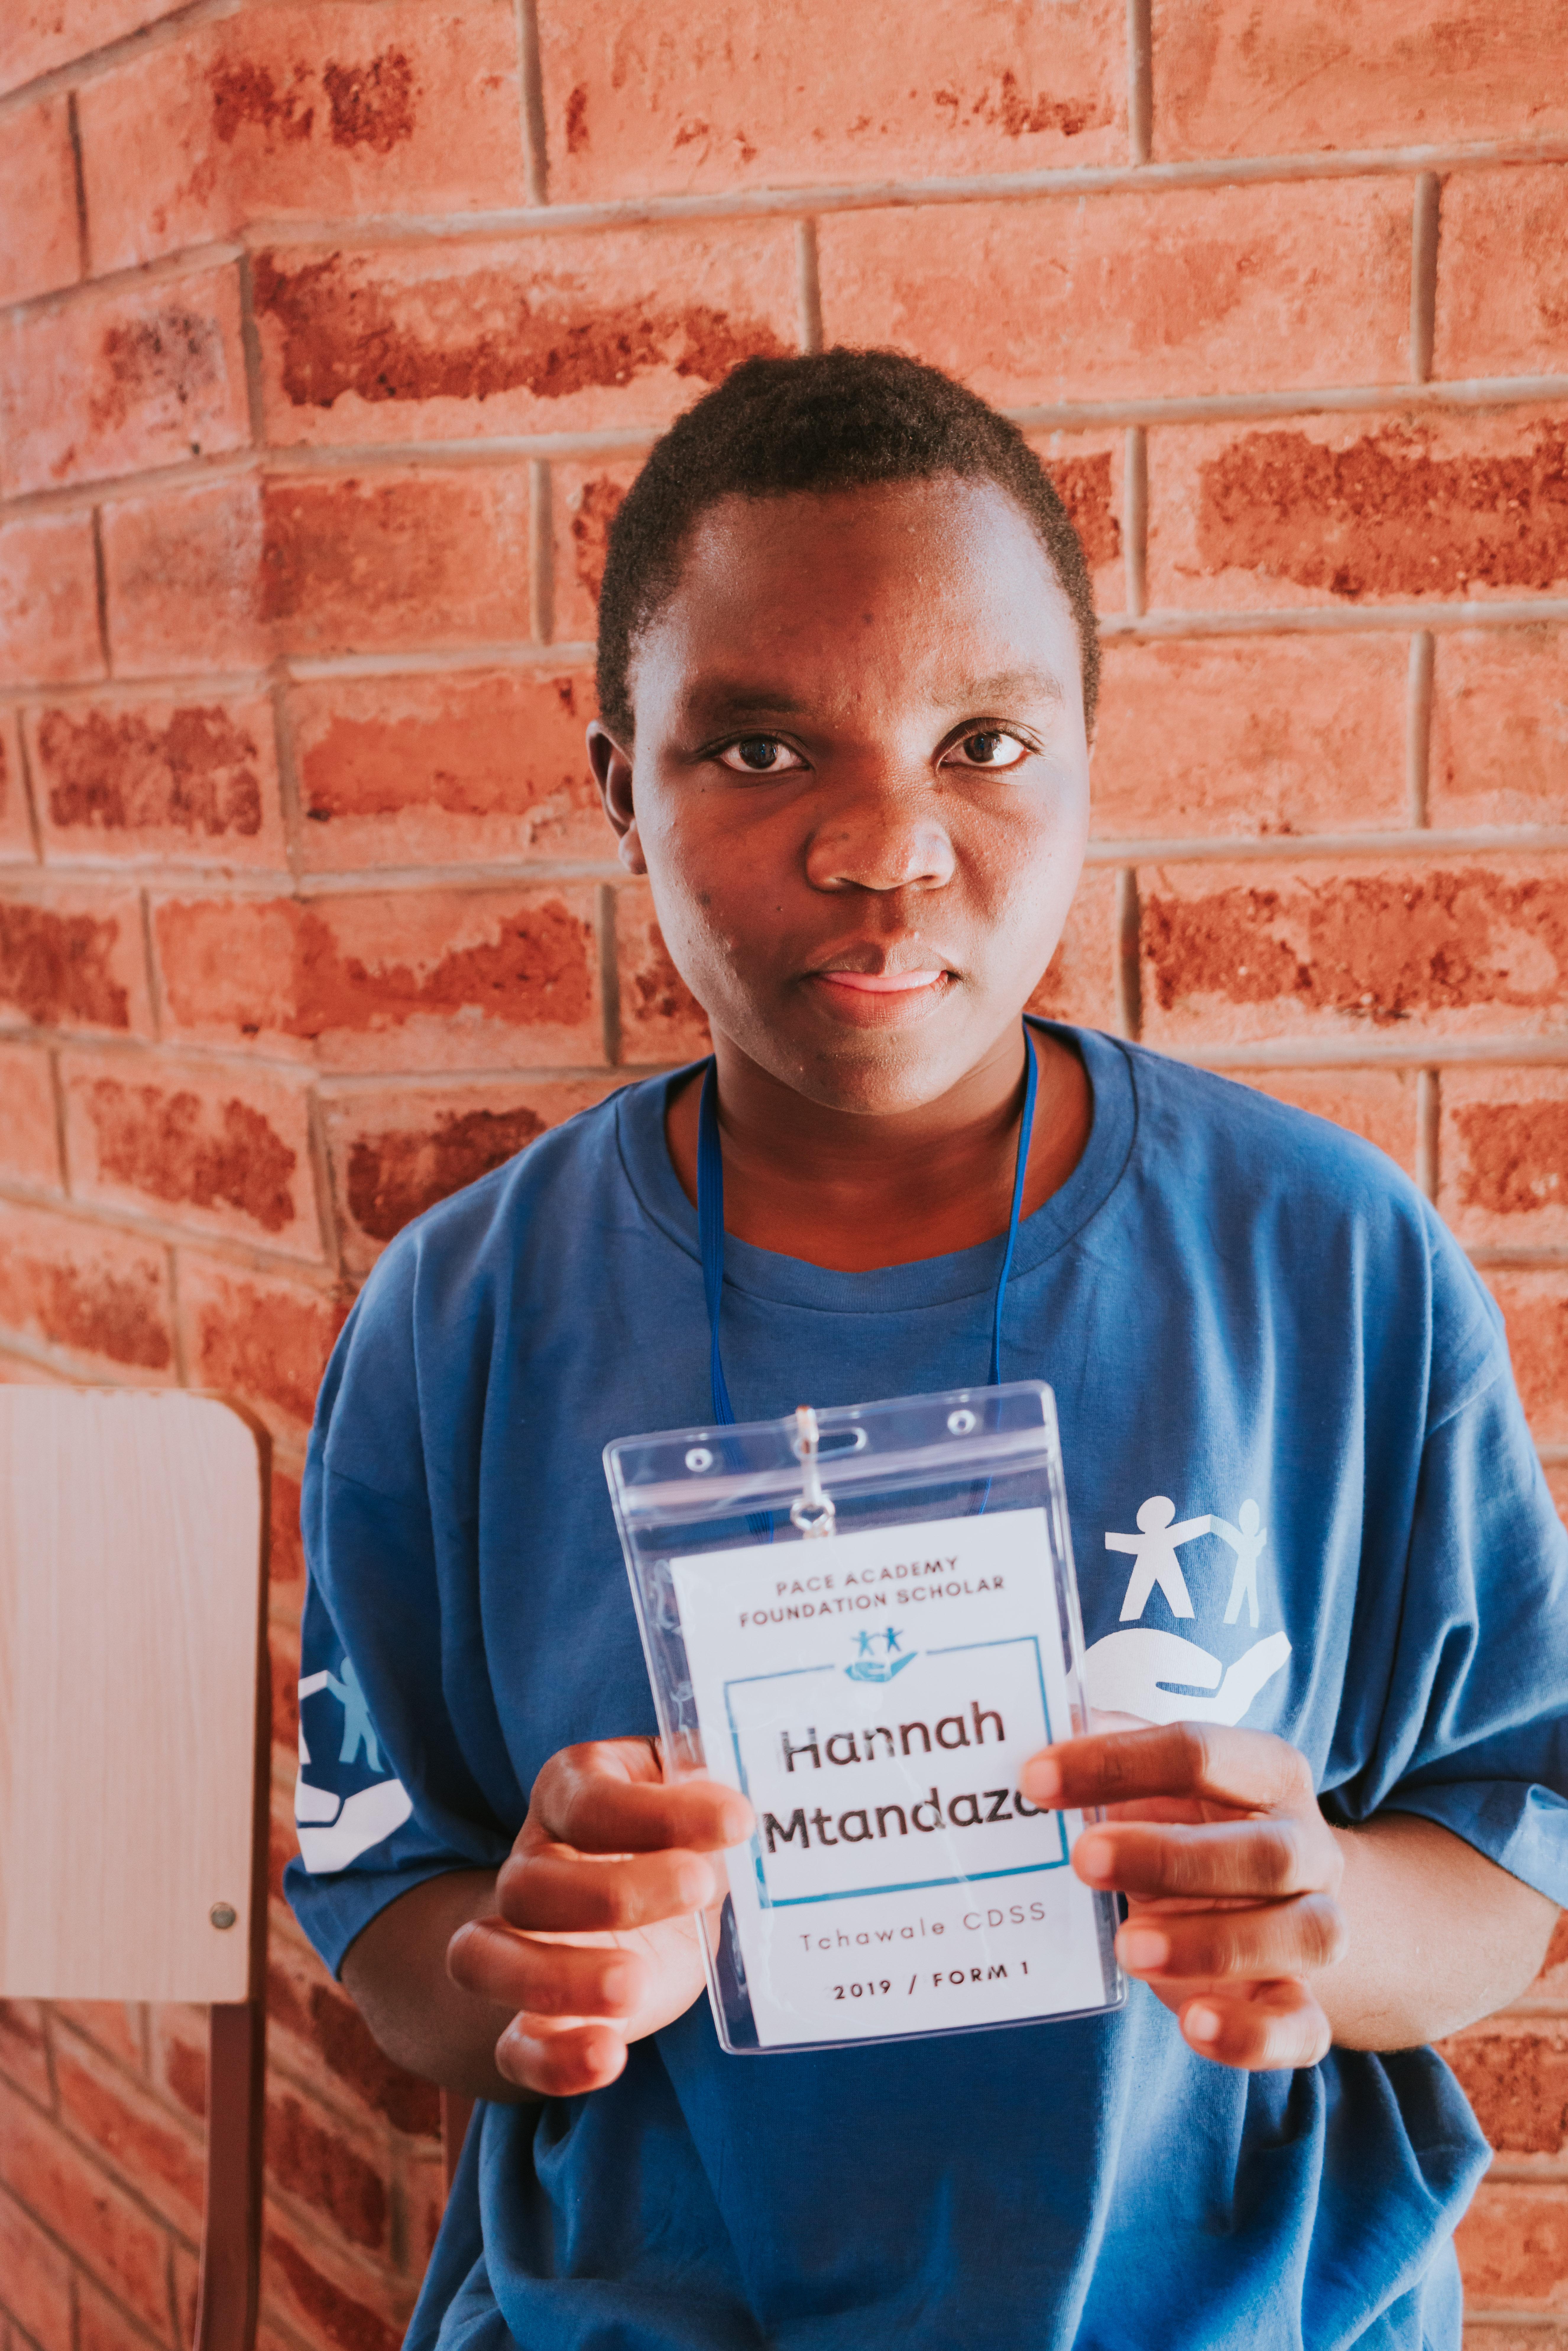 Hannah Mtandaza (Tchawale CDSS)